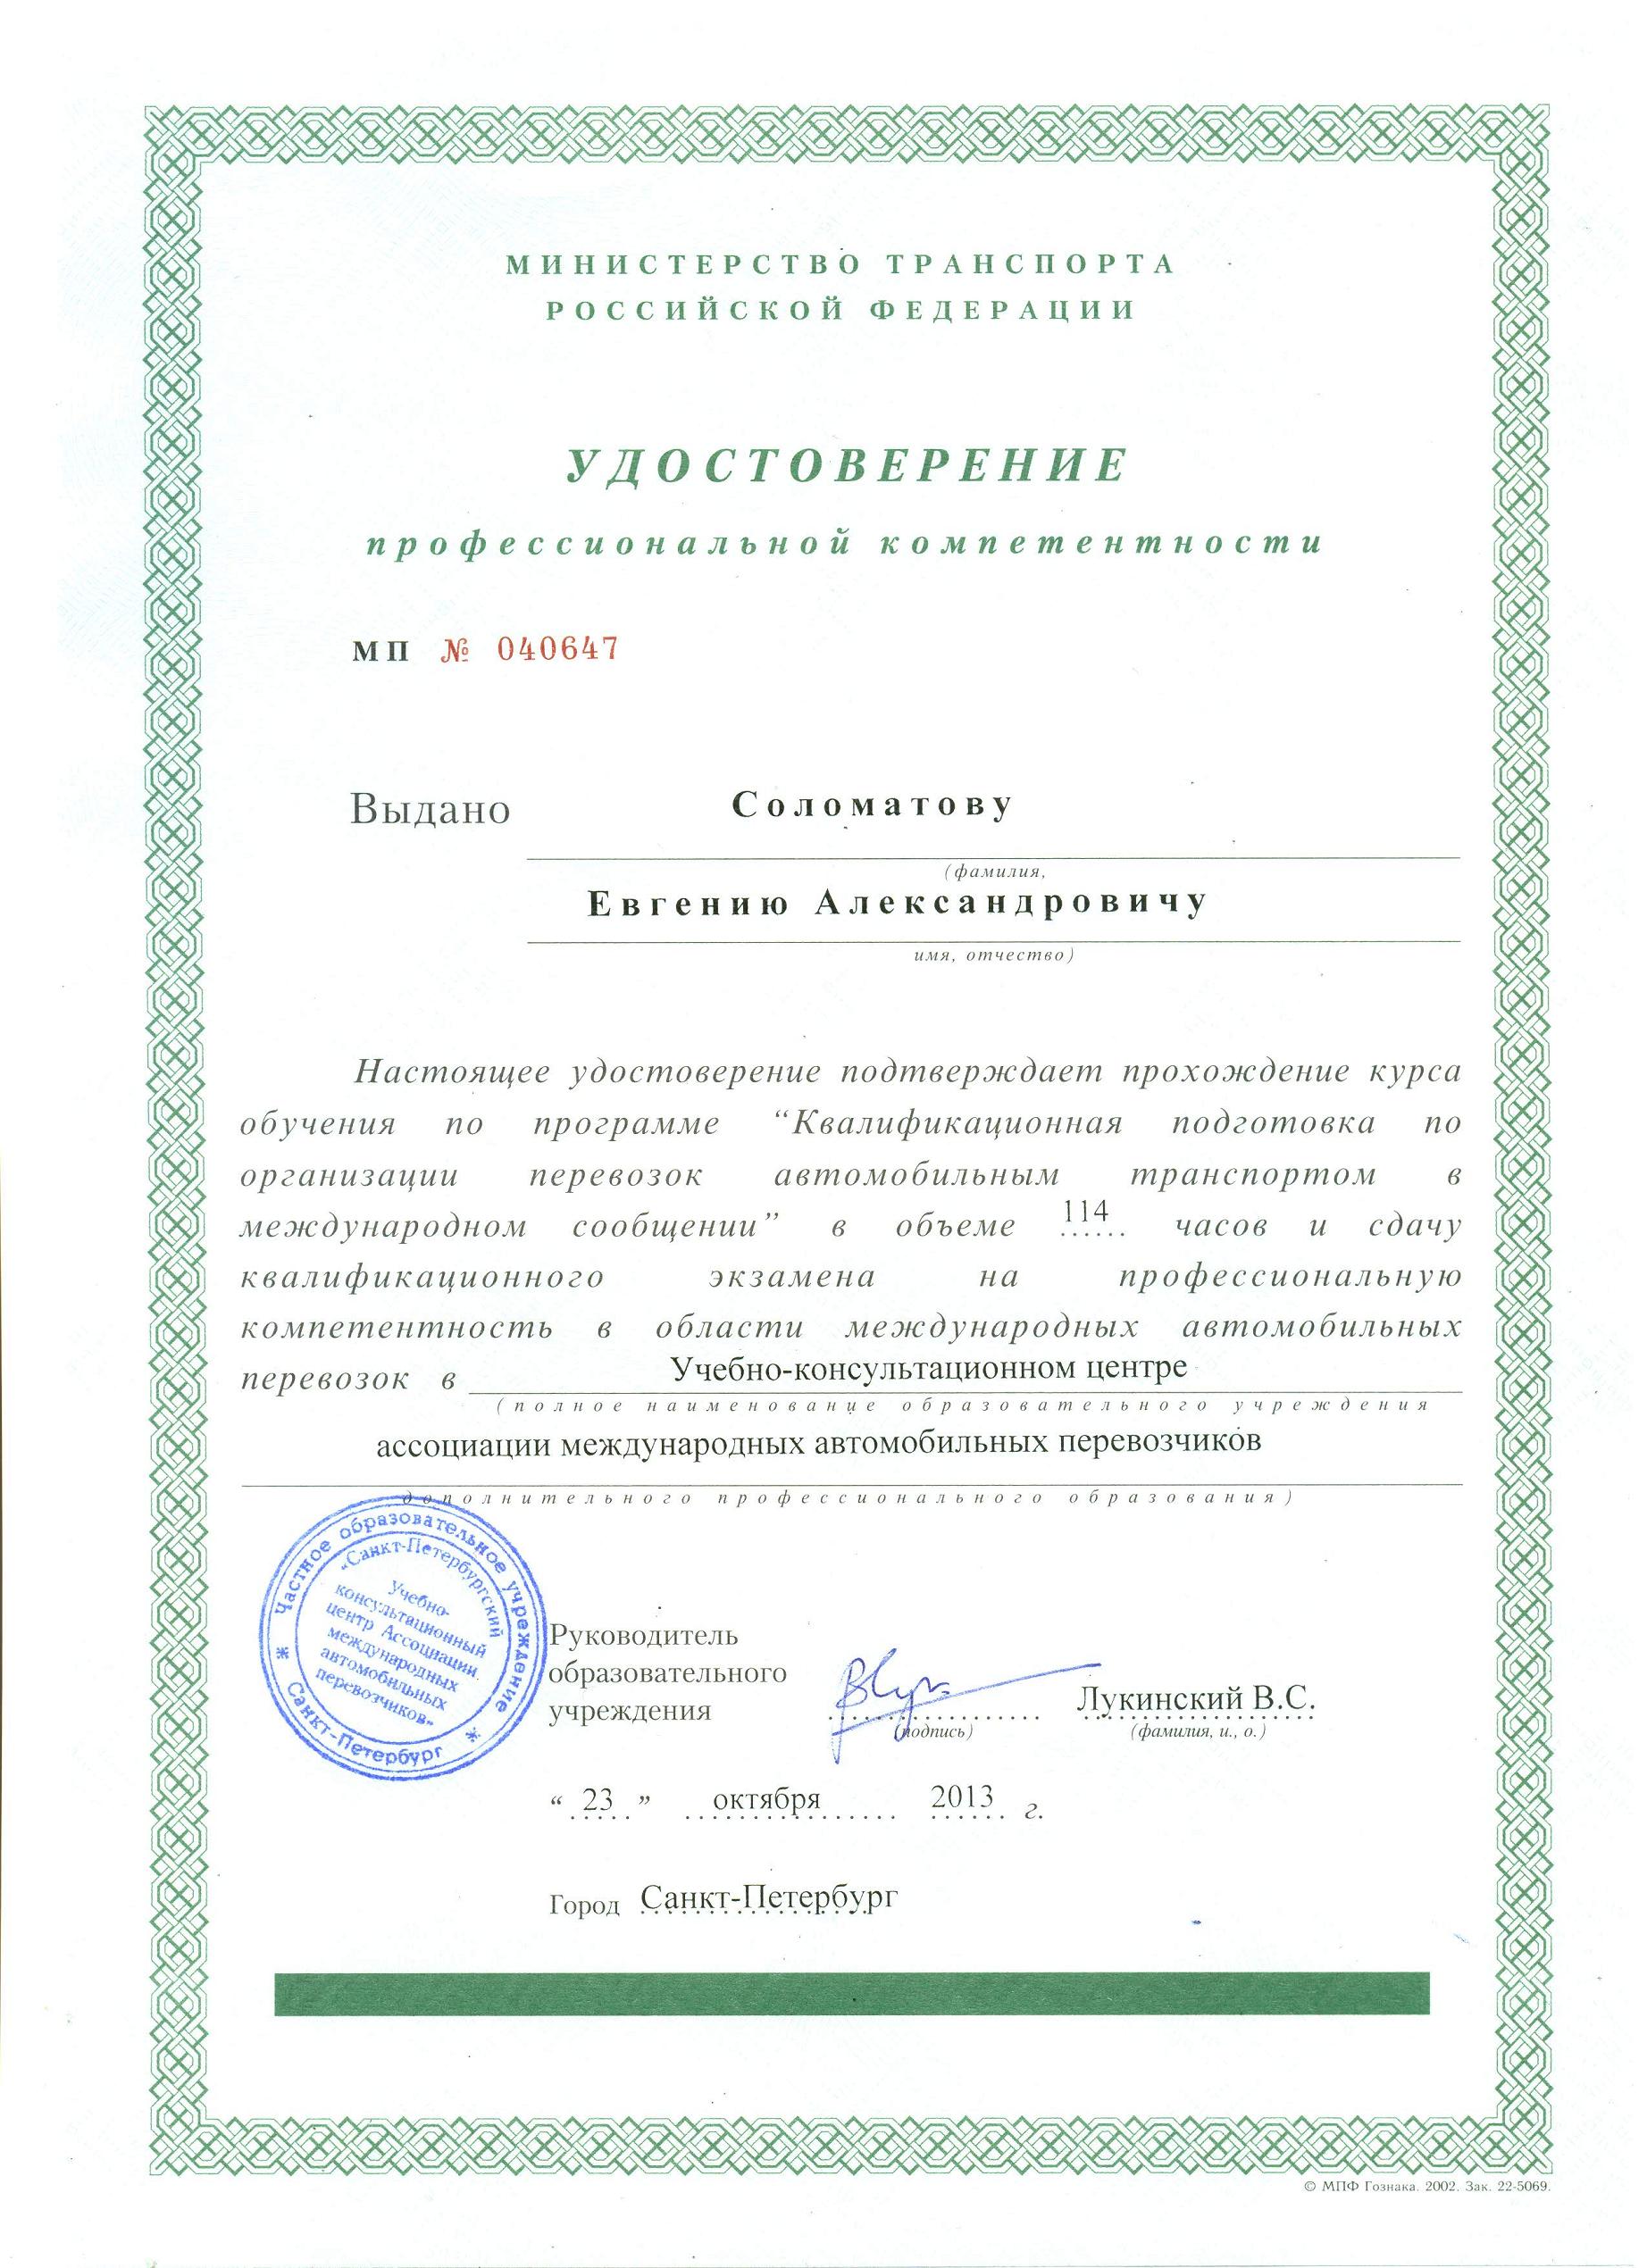 Удостоверение профессиональной компетентности в области международных перевозок Соломатова Е.А.